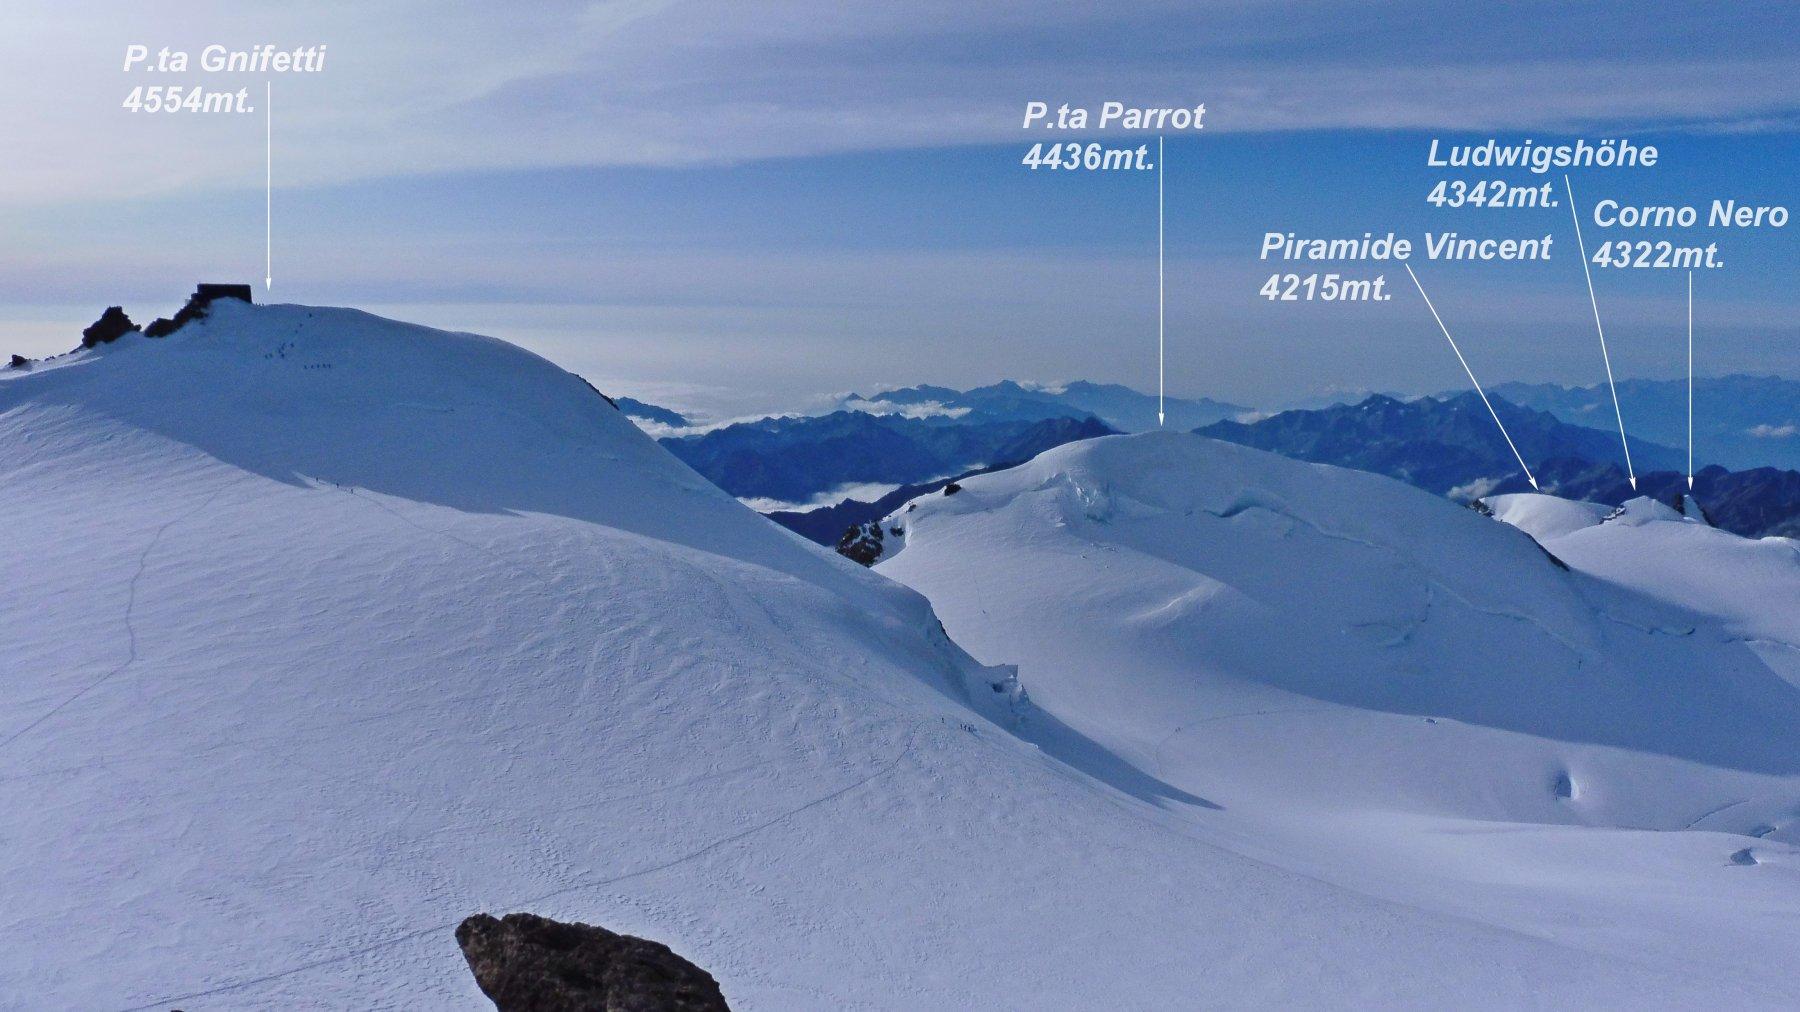 Panorama da P.ta Gnifetti.